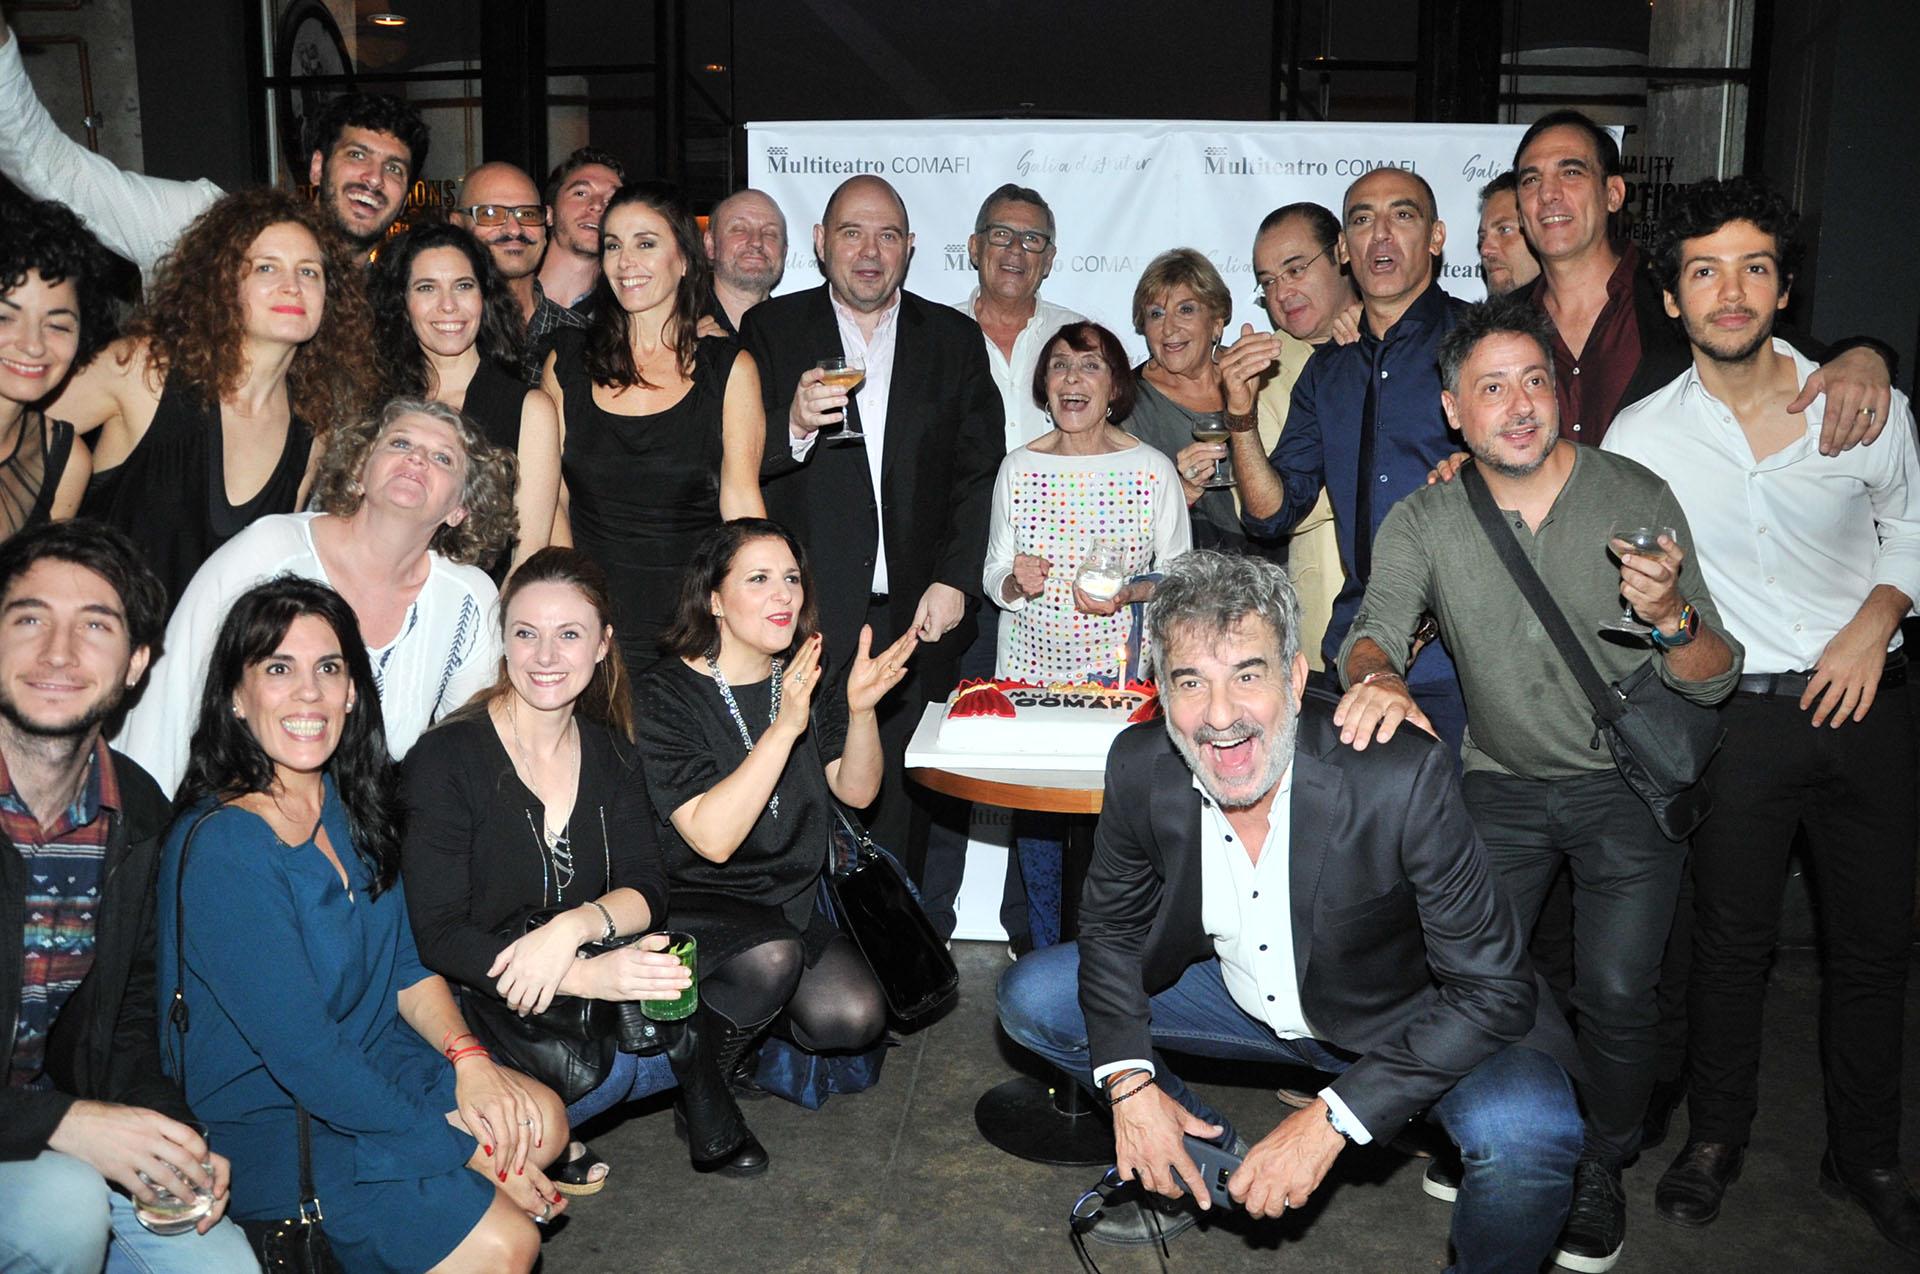 Las figuras celebran el cumpleaños número 17 del Multiteatro Comafi (Teleshow)